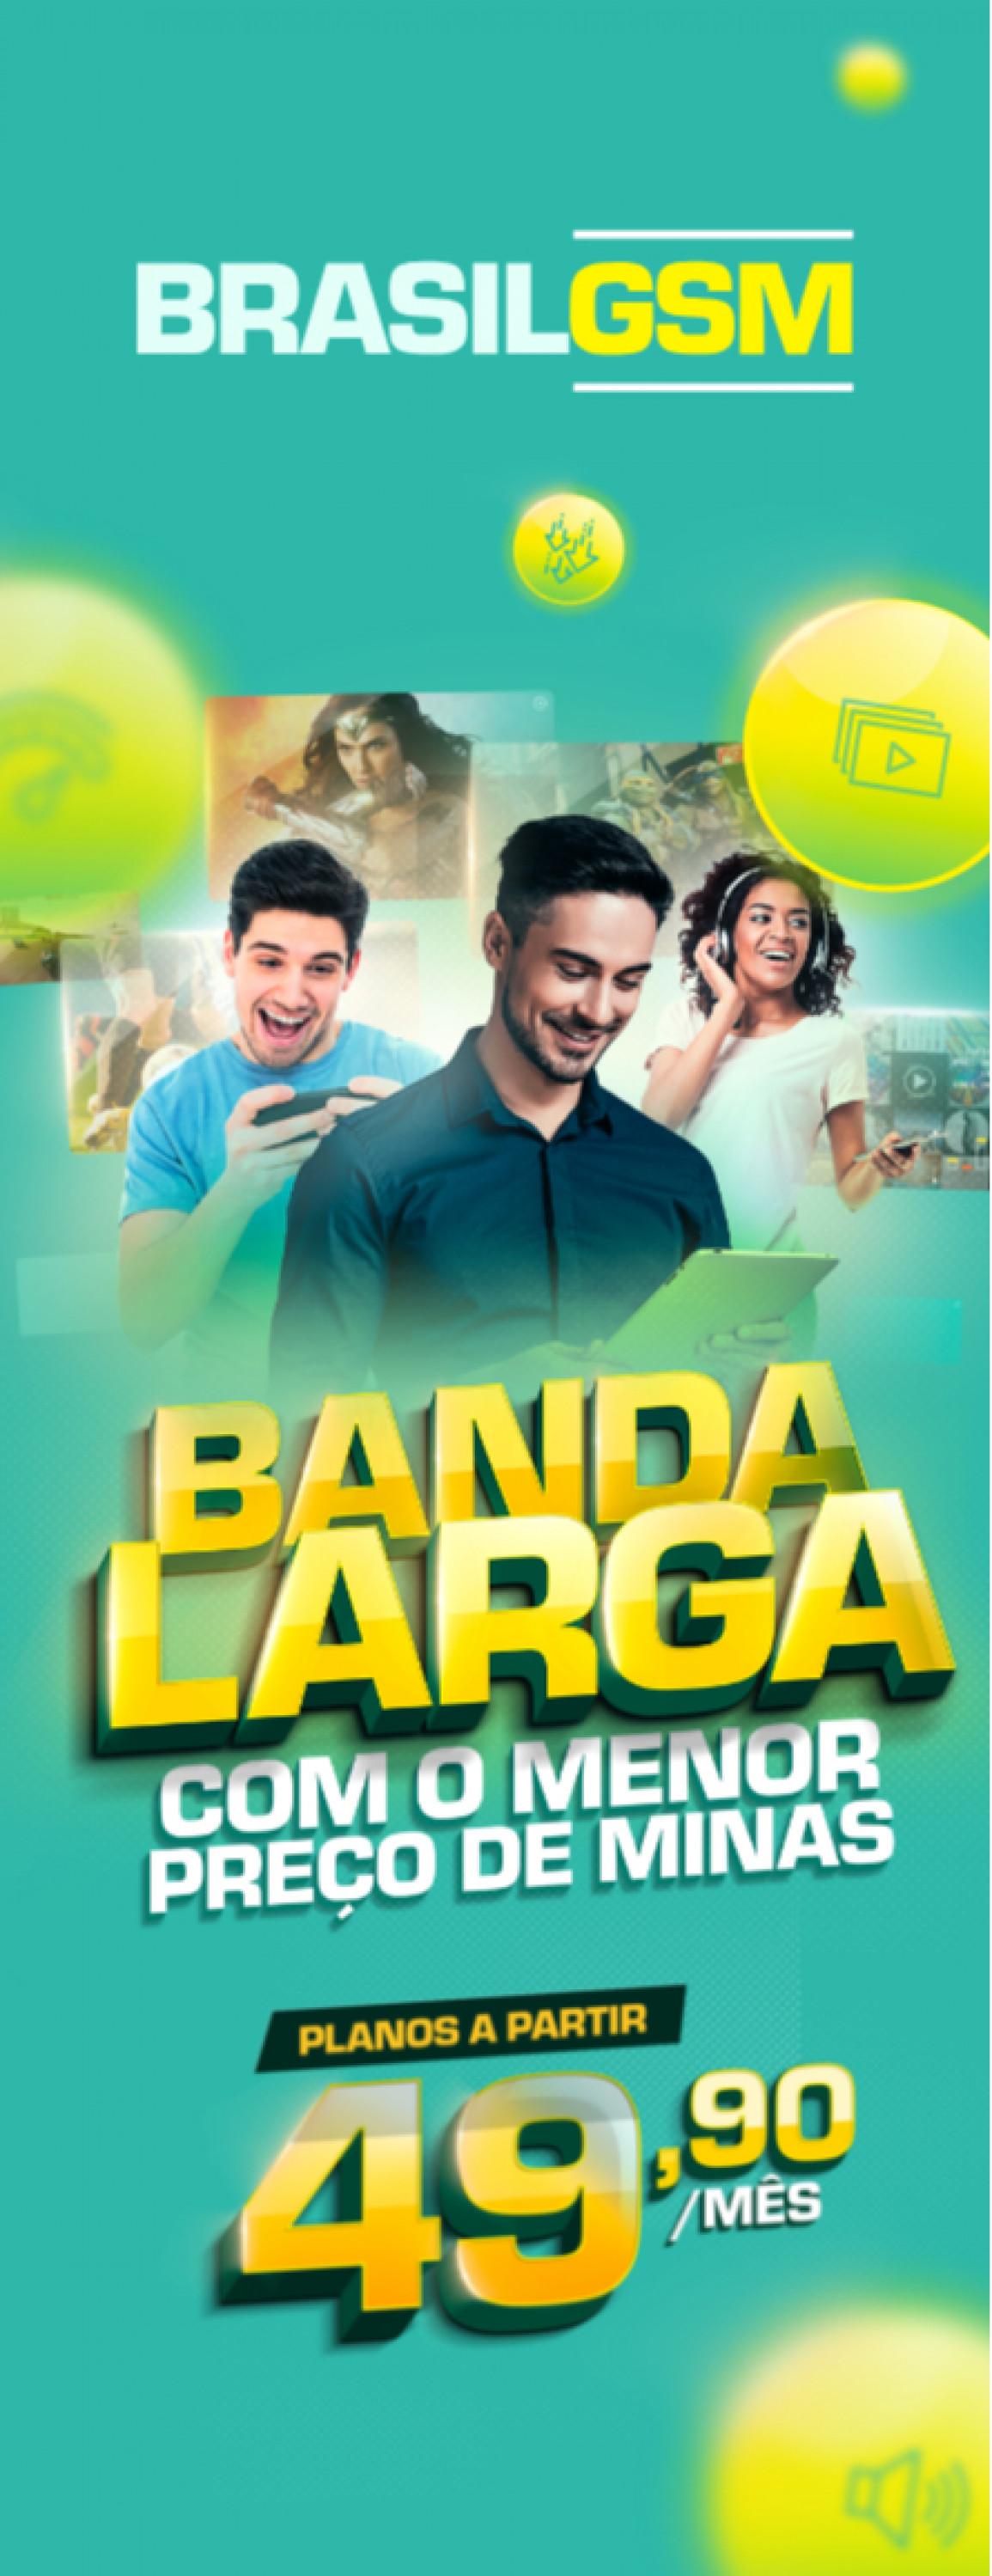 Campanha de vendas e Landing Page Brasil GSM